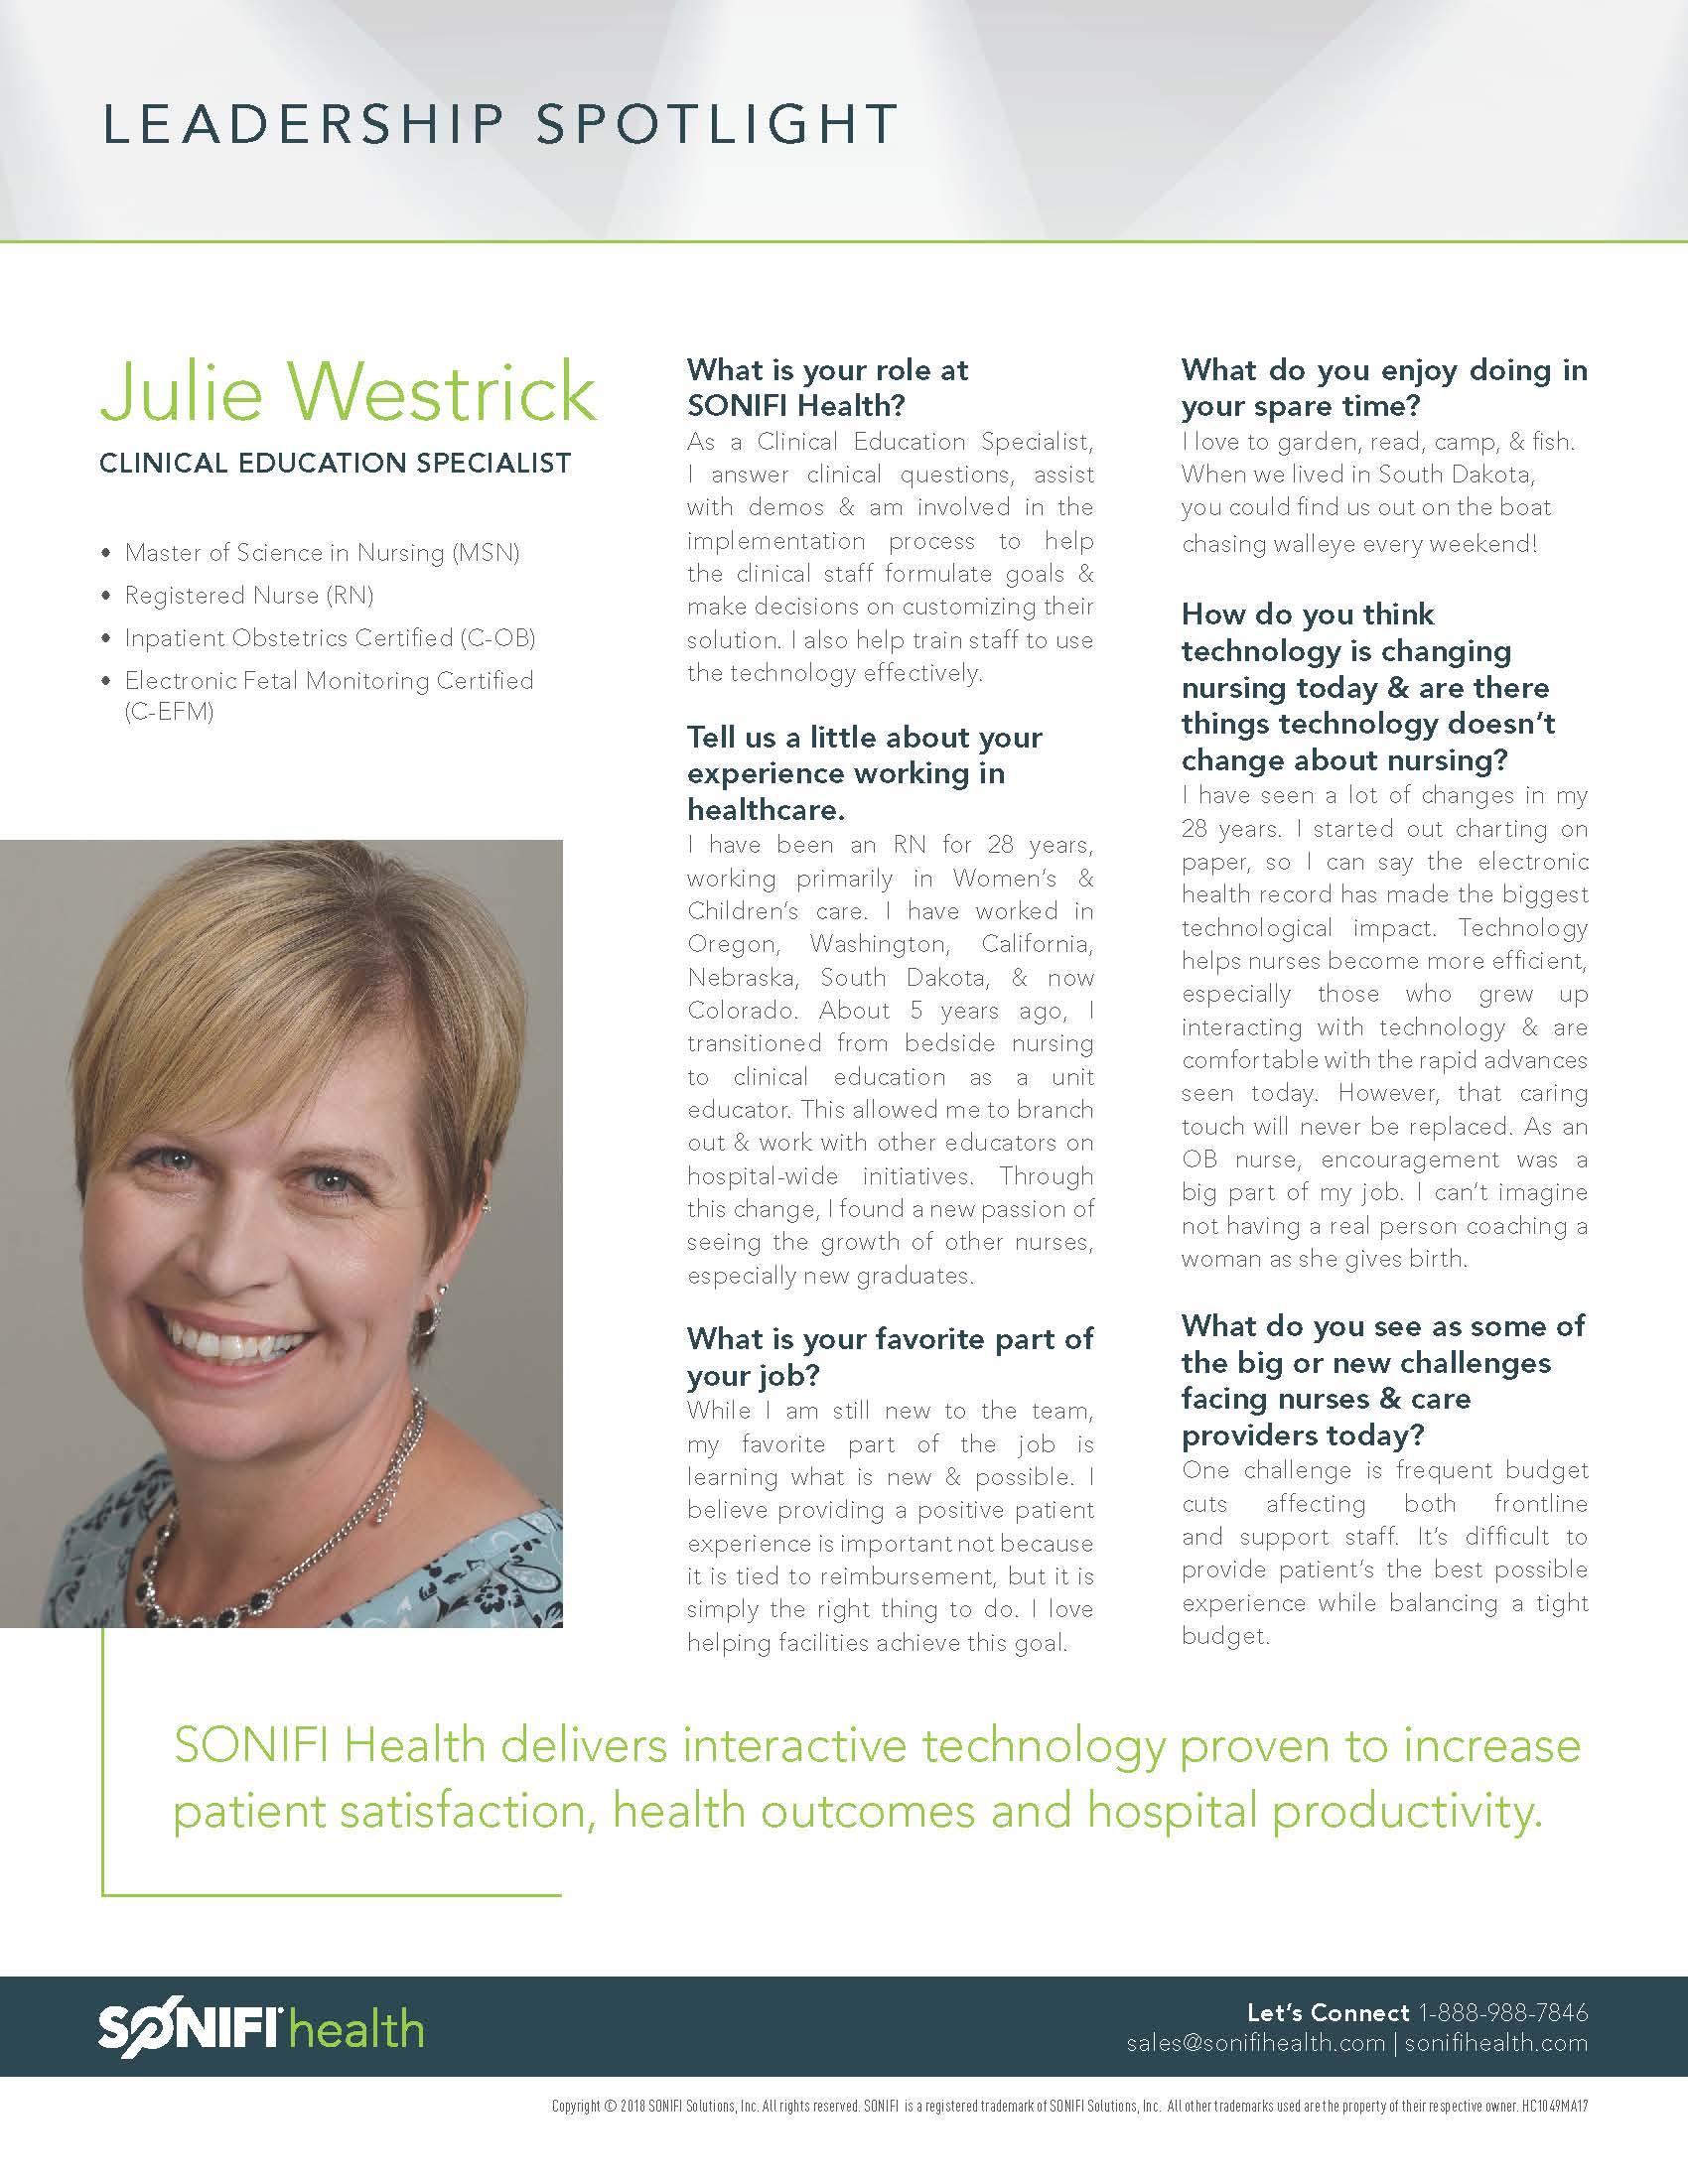 Leadership-Spotlight_Julie-Westrick